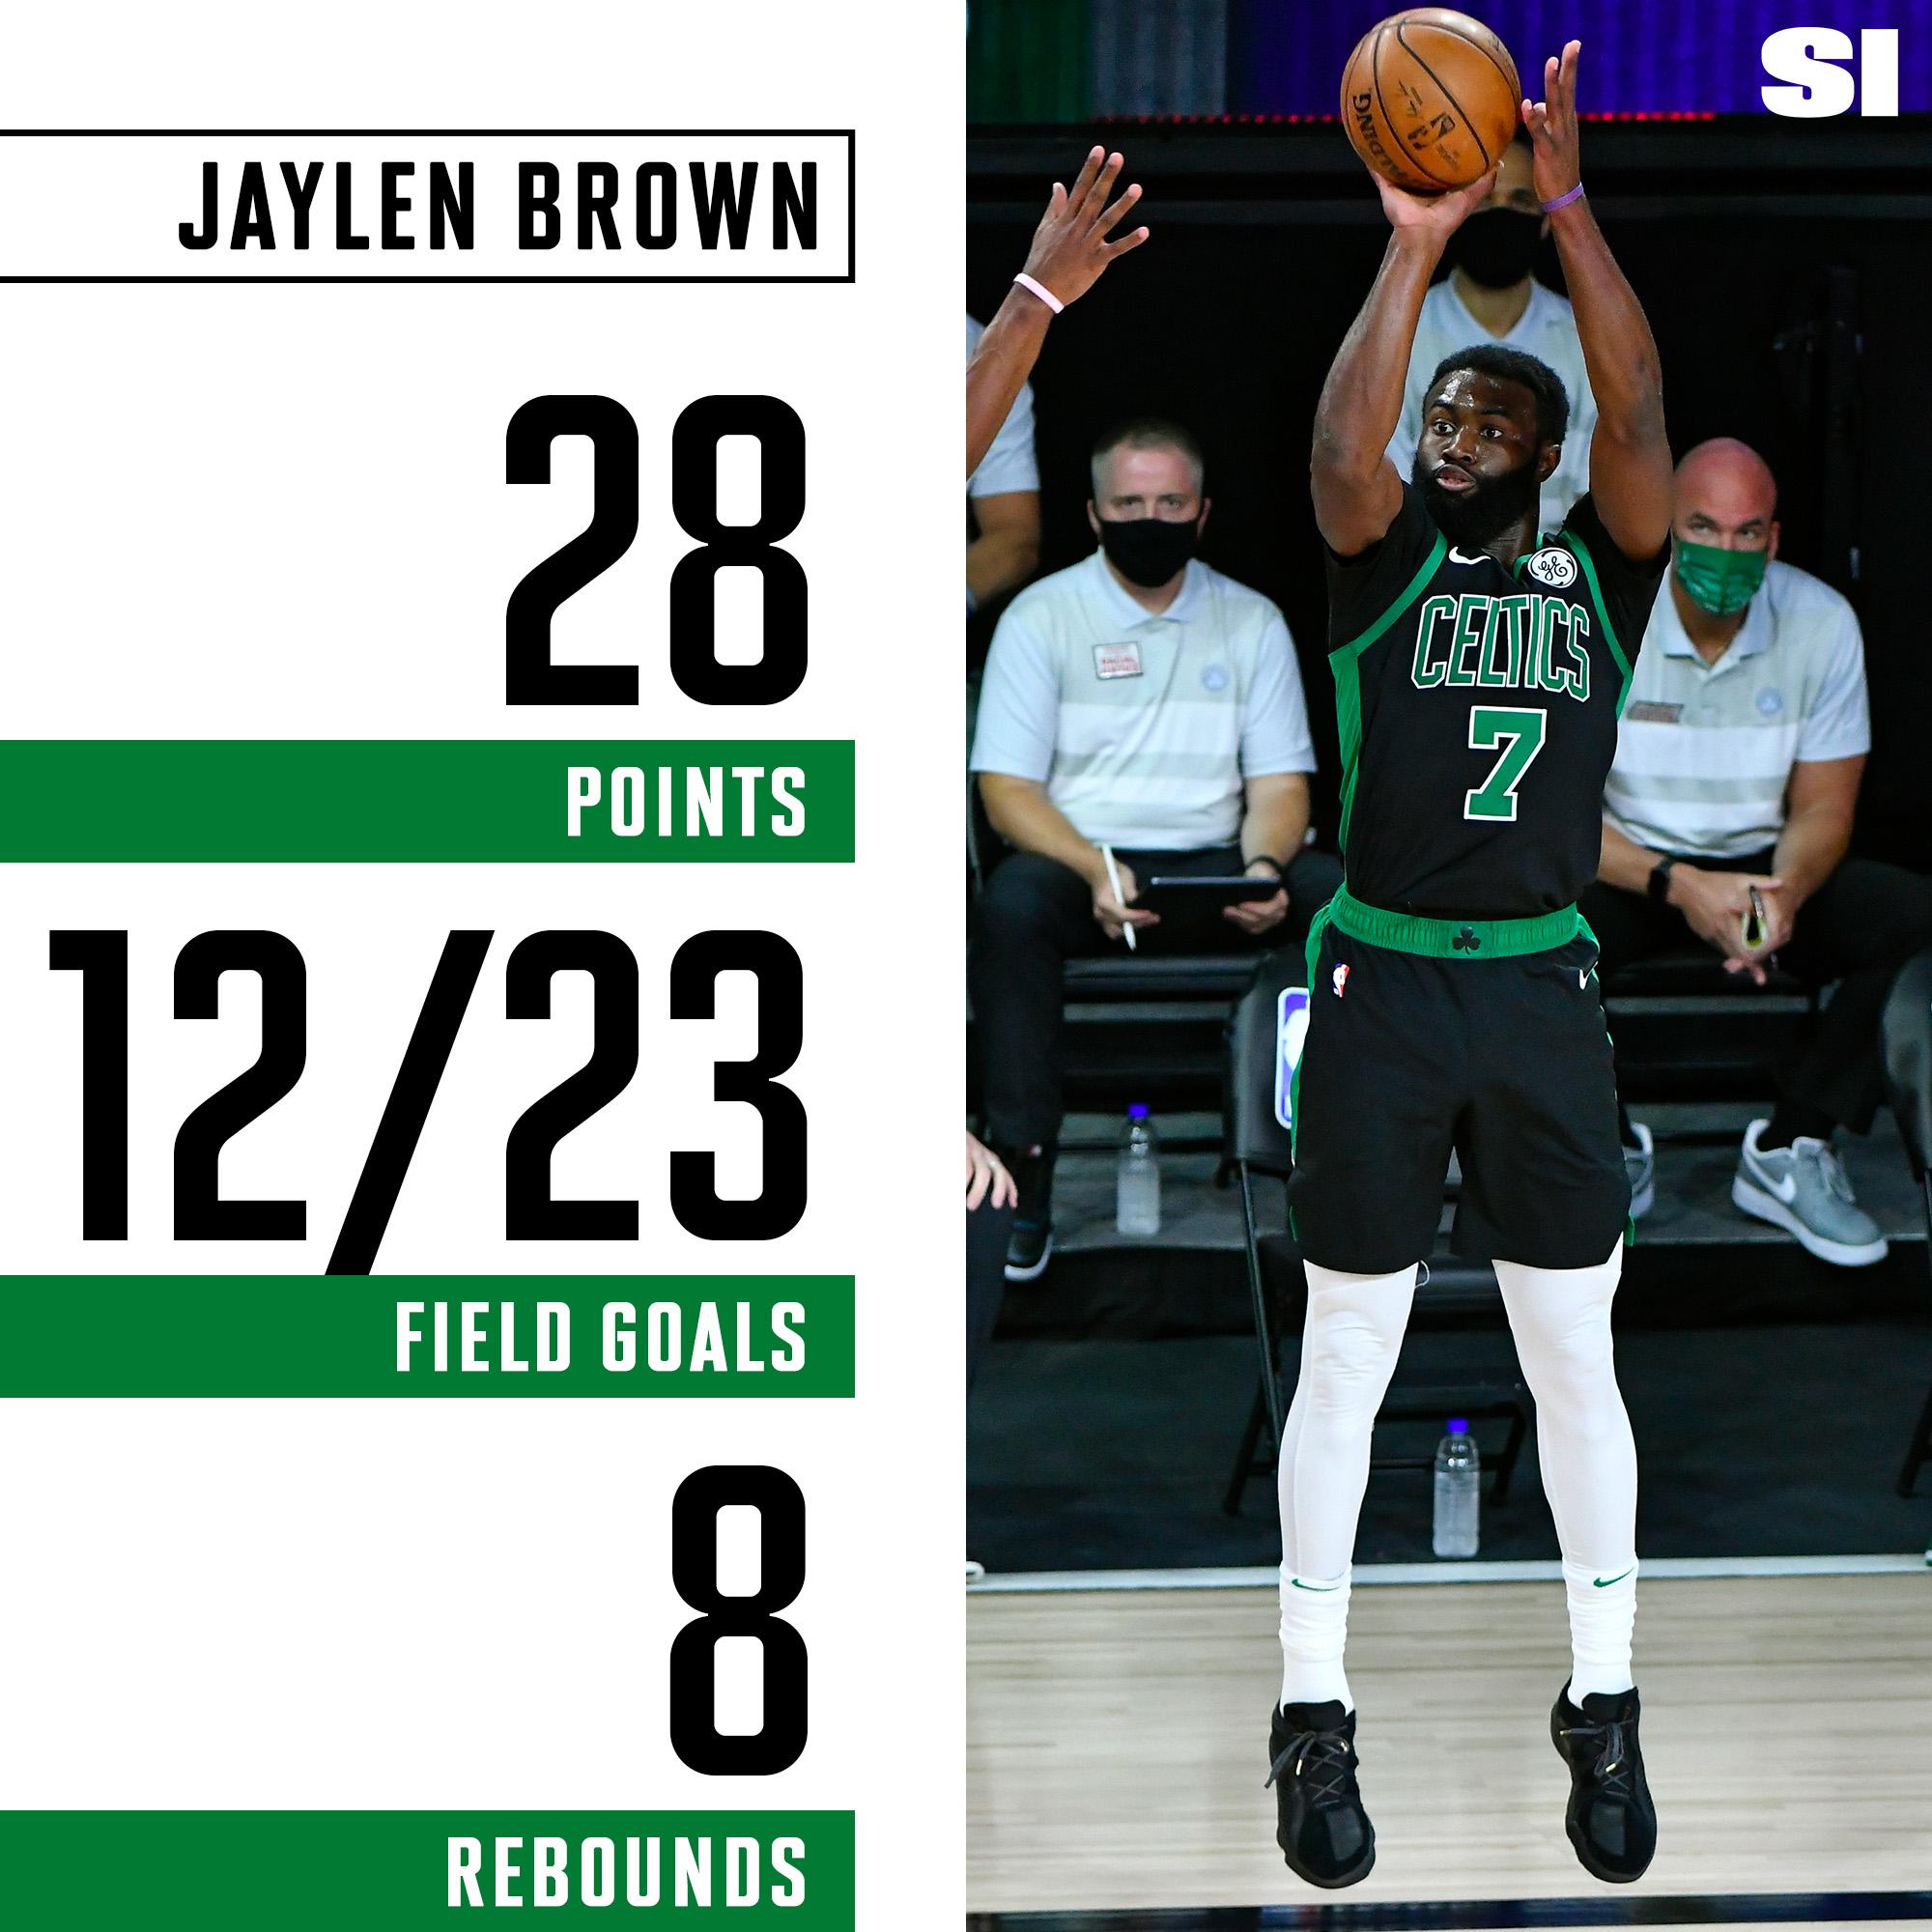 末节关键表现!杰伦-布朗全场得到28分8篮板2助攻